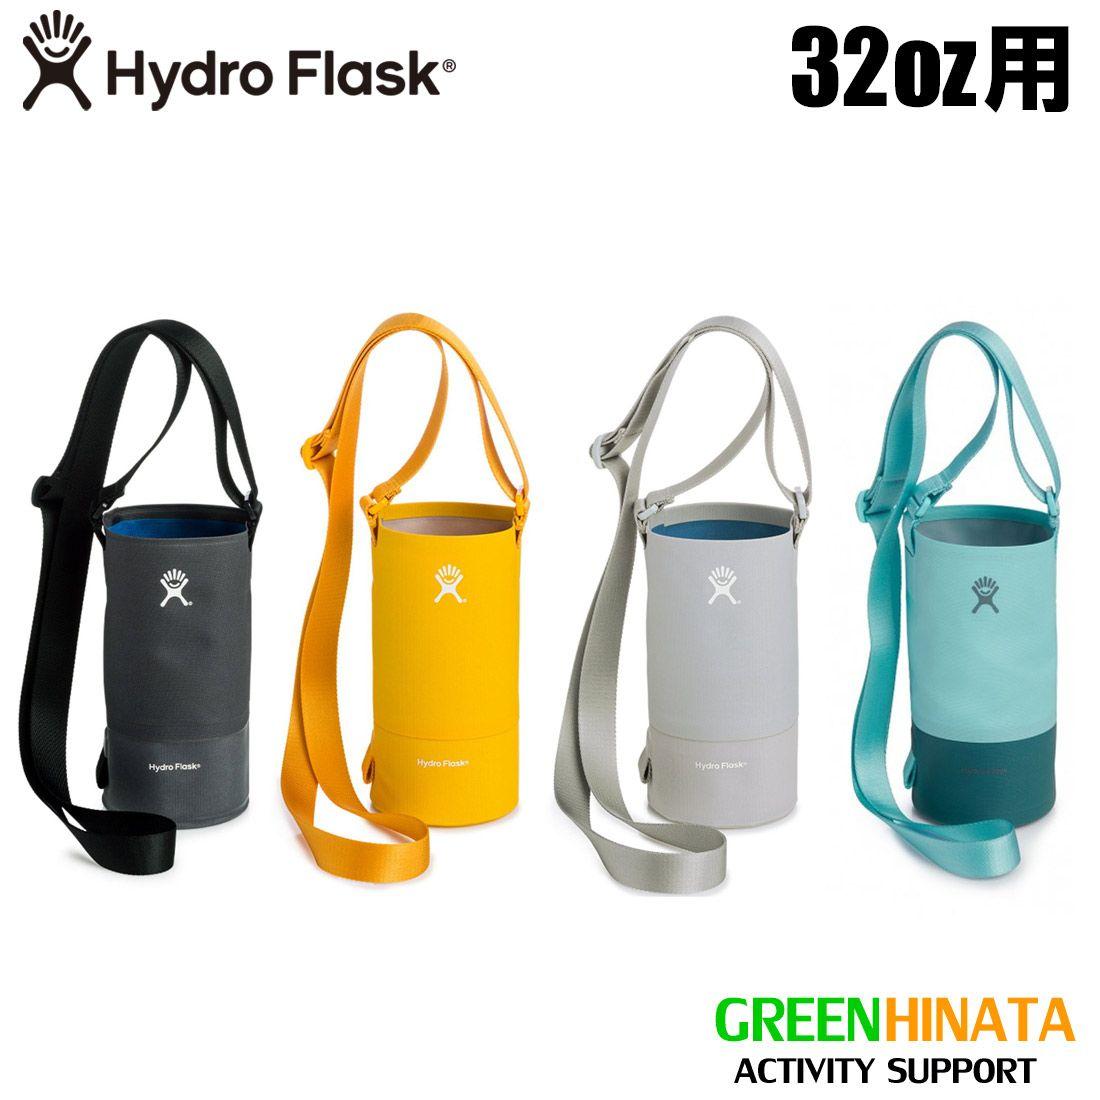 【国内正規品】 ハイドロフラスク ボトルスリング ラージ 32oz用 保温 ボトル カバー HydroFlask BottleSling Large